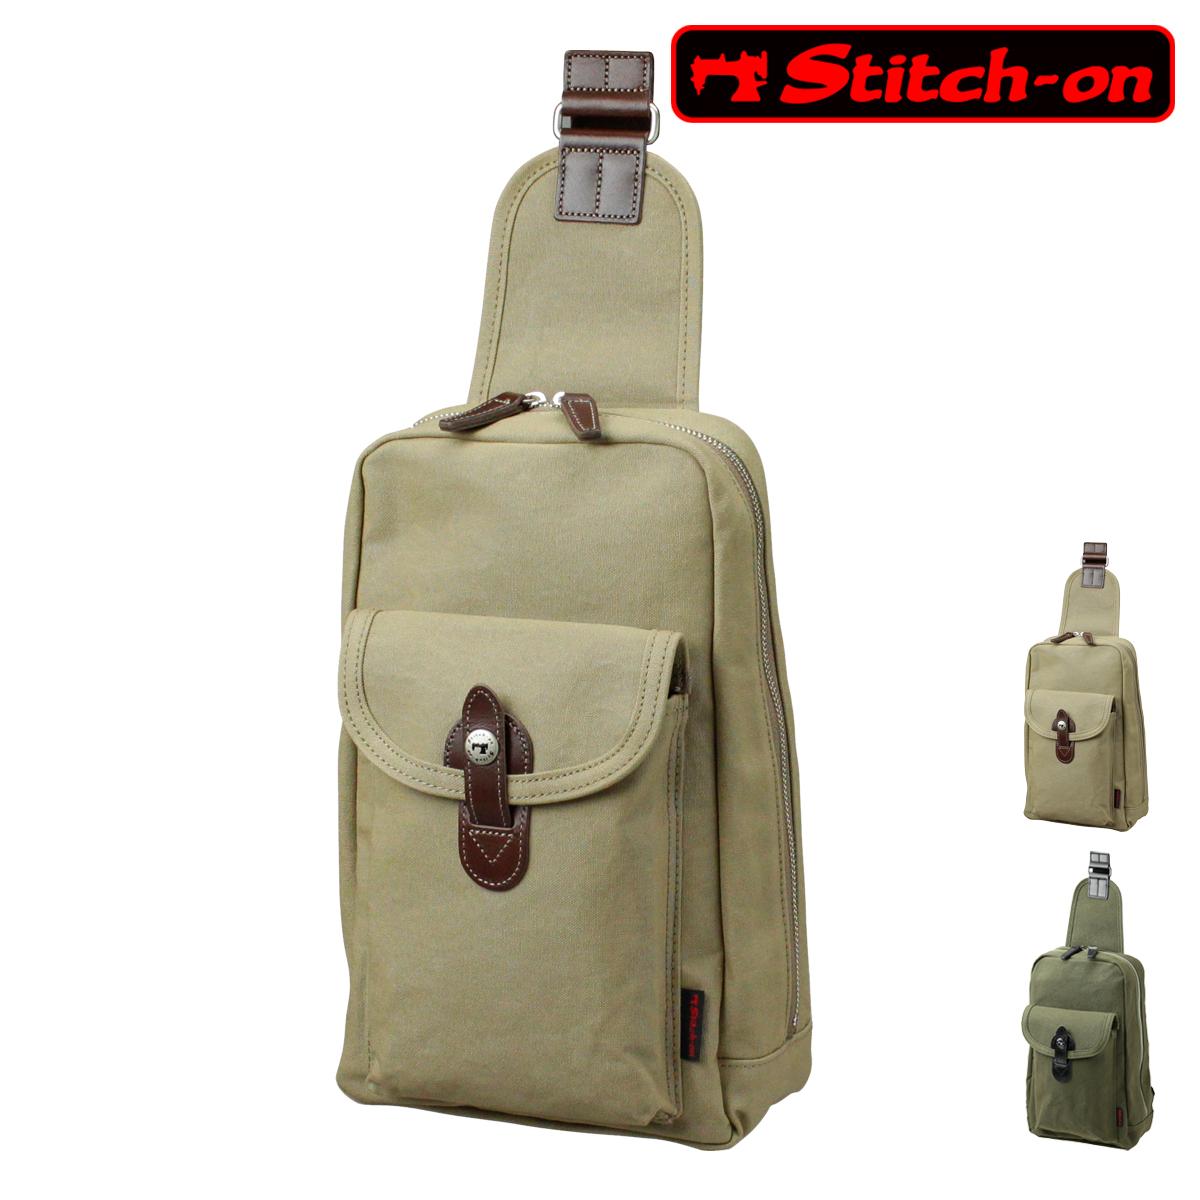 ステッチオン ボディバッグ 帆布豊岡鞄シリーズ メンズ 52195 日本製 Stitch-on   豊岡 10号帆布[PO10][bef]